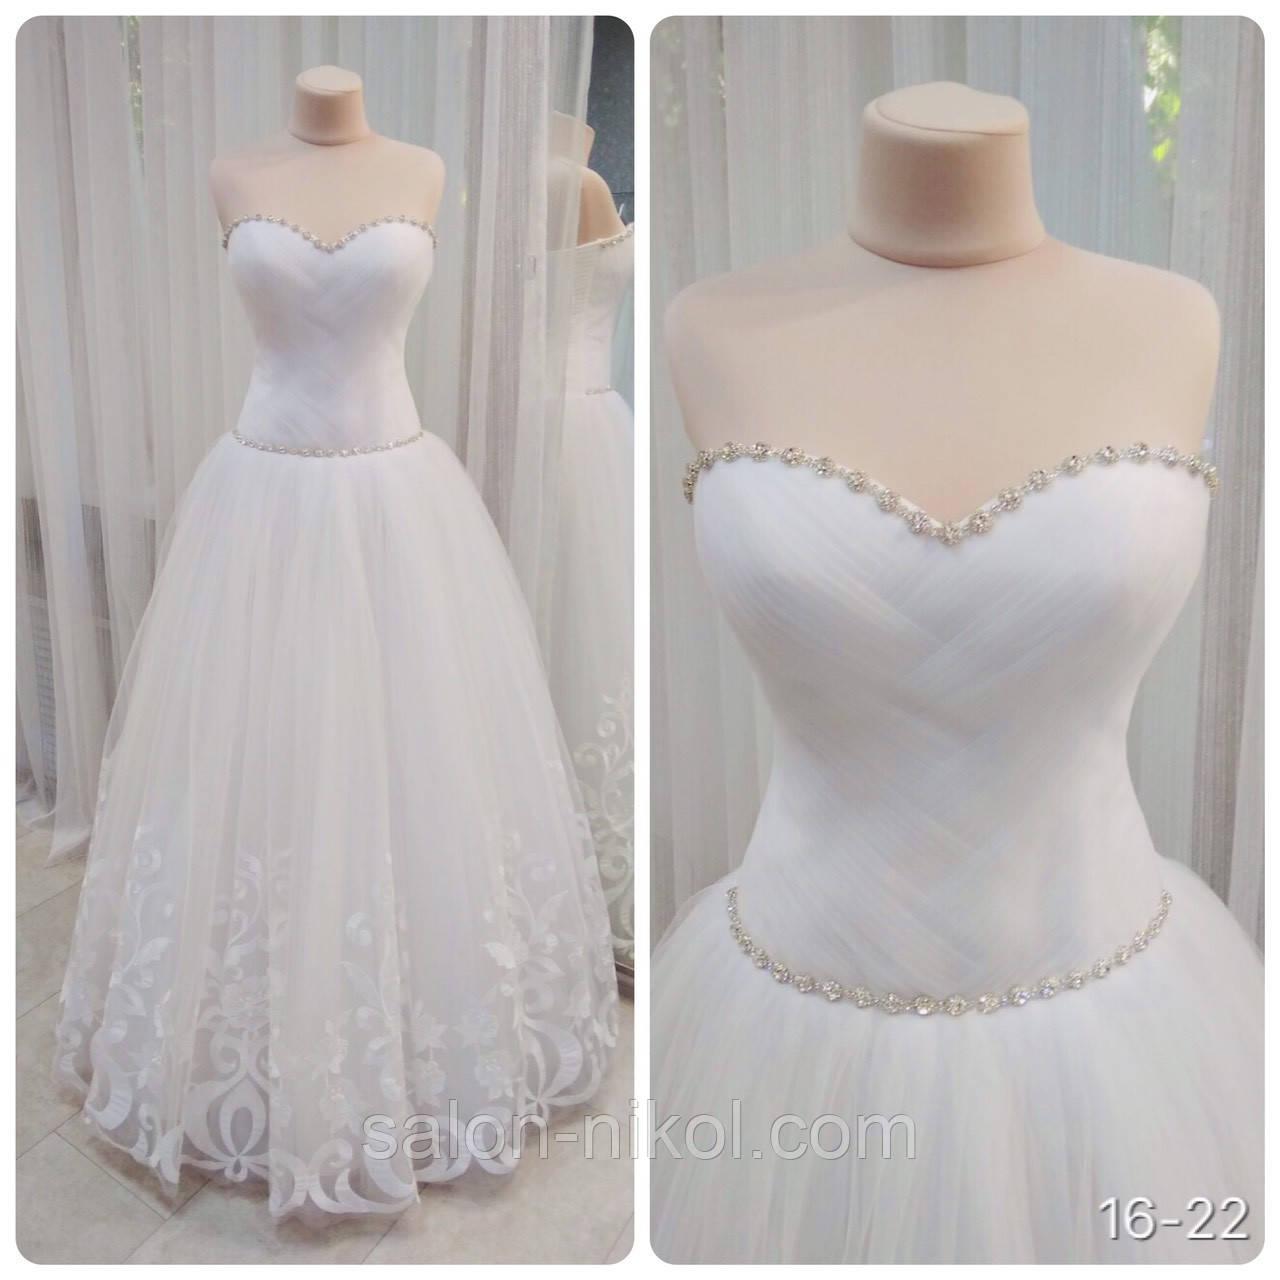 Свадебное платье 16-22